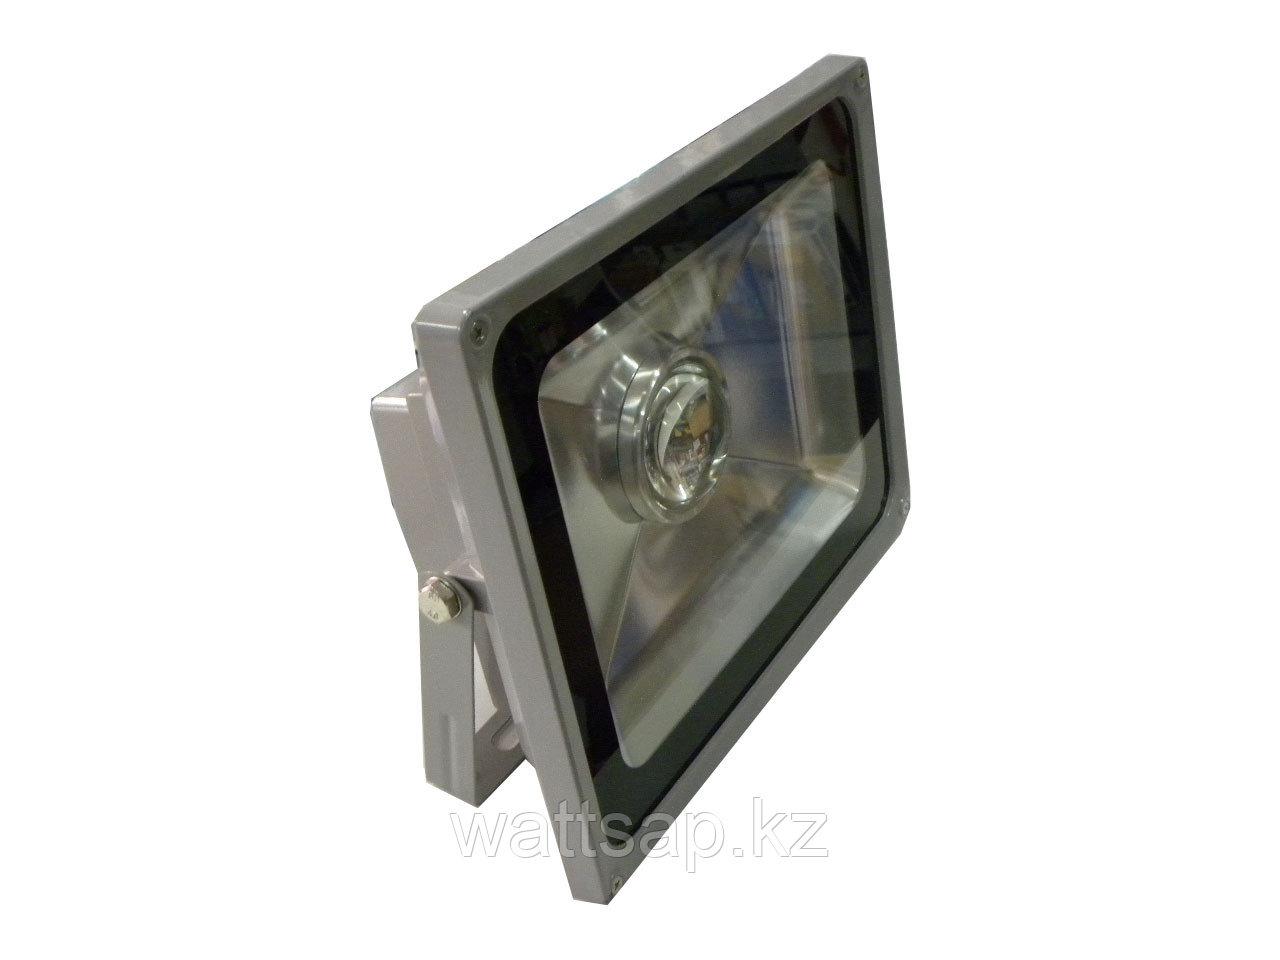 Прожектор светодиодный  50 Вт узконаправленный